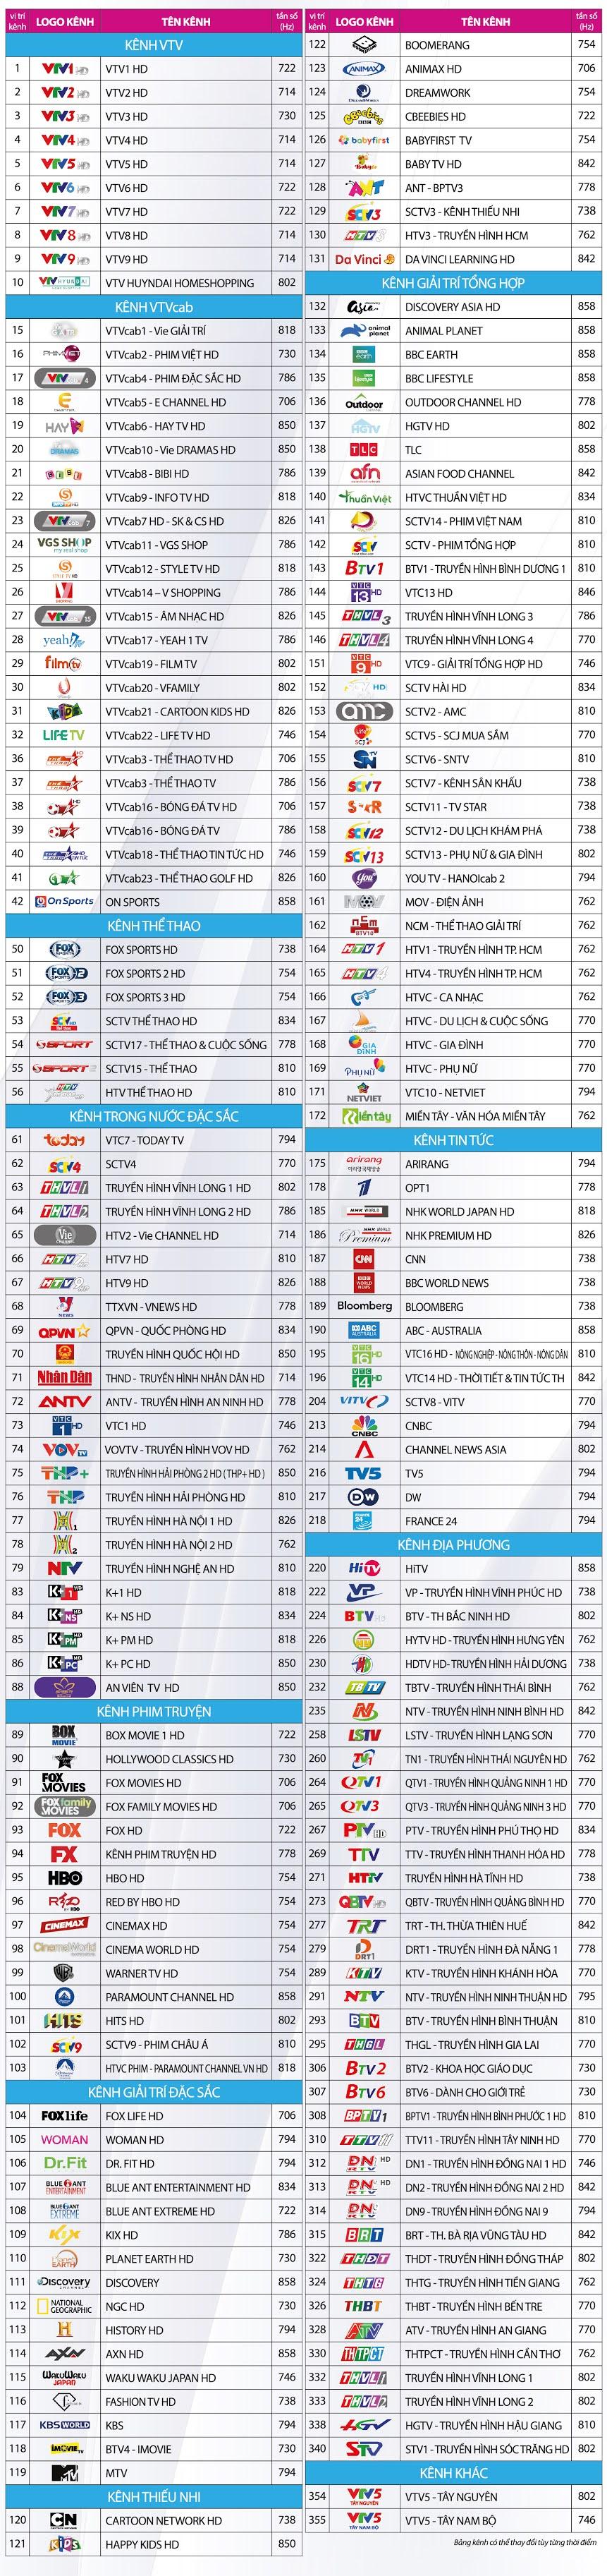 Danh sách kênh trên hệ thống truyền hình cáp VTV